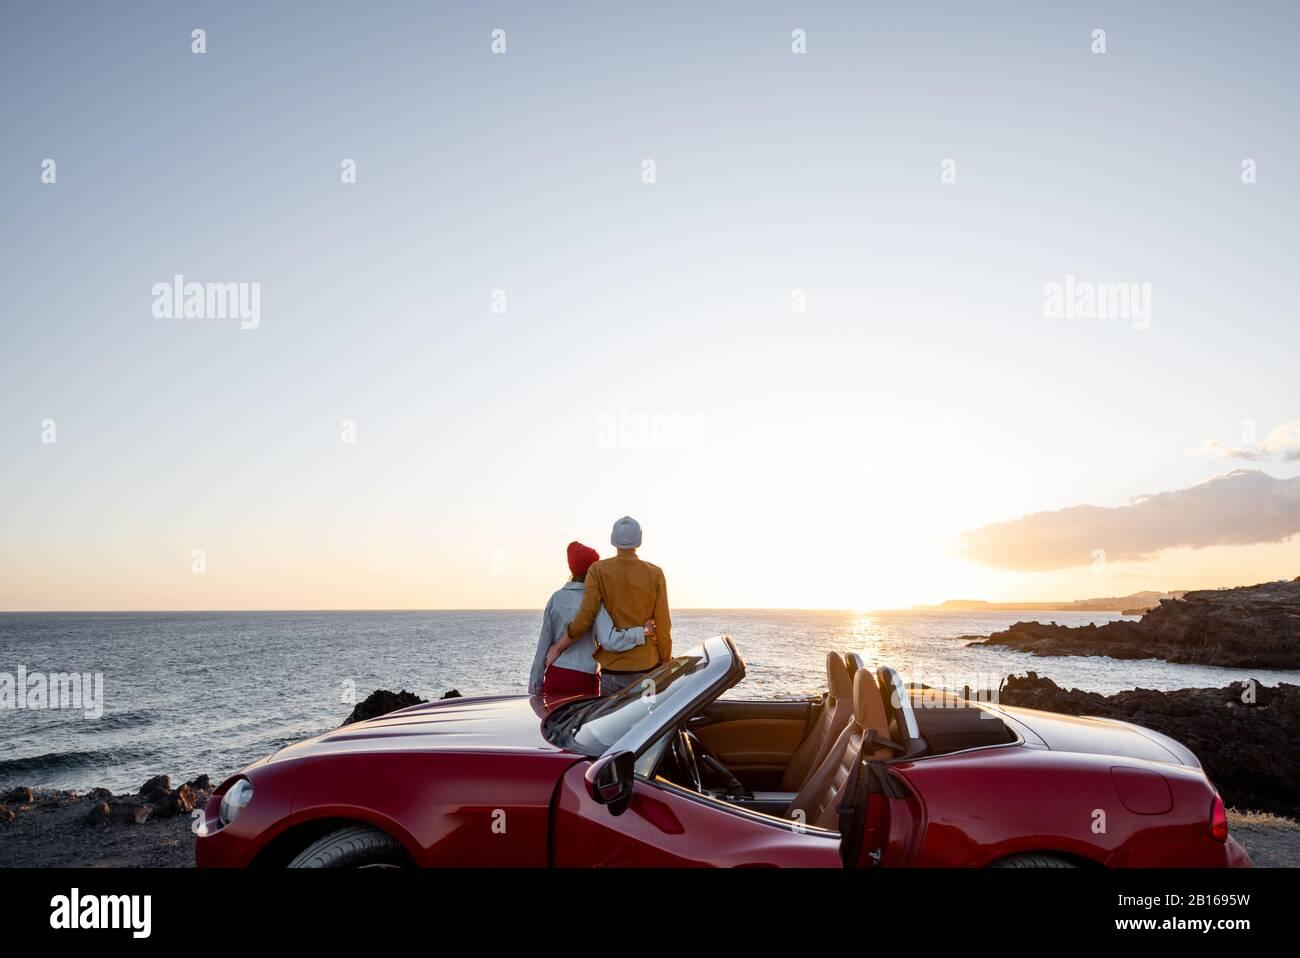 Pareja disfrutando de hermosas vistas sobre el océano, abracándose cerca del coche en la costa rocosa, amplia vista desde el lado con espacio para copias en el cielo Foto de stock